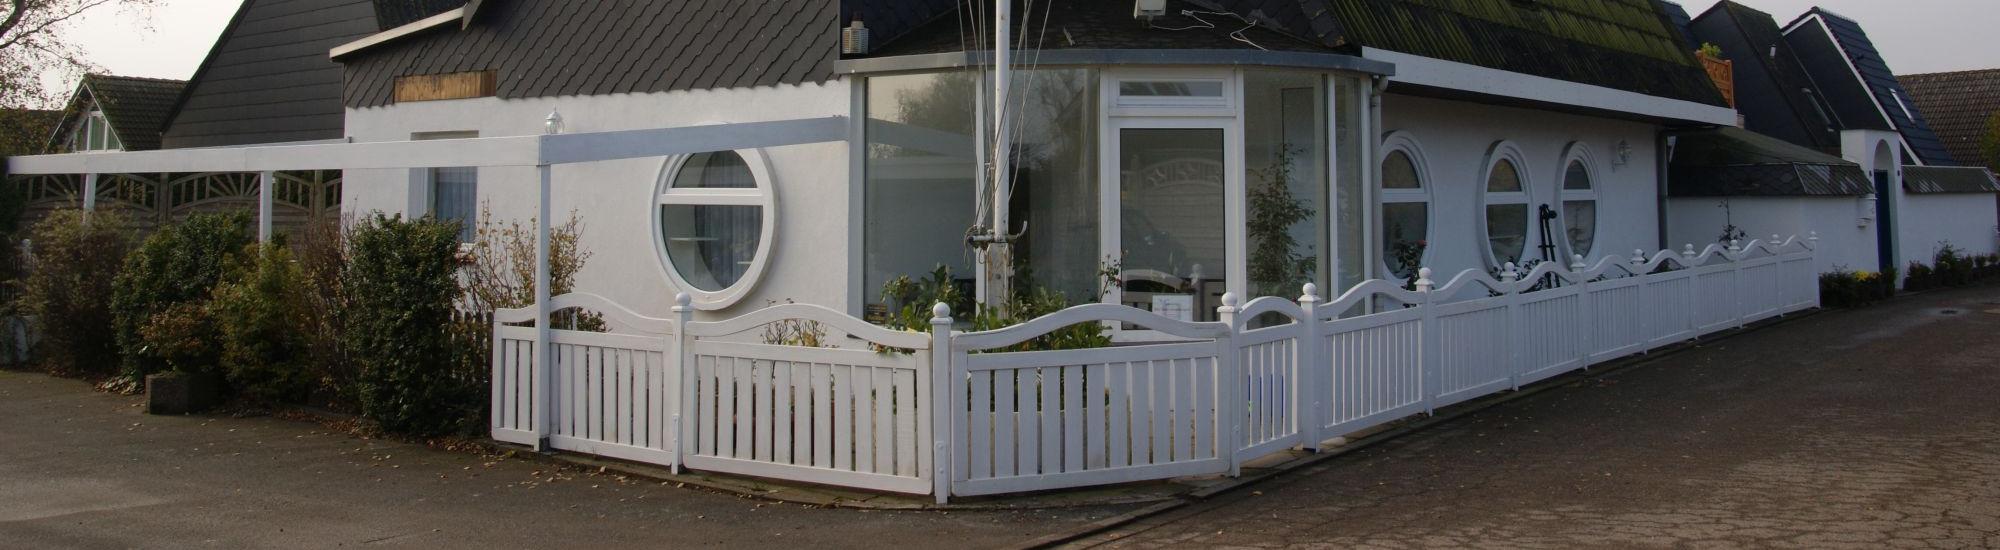 Verhandlungsbasis: Einmalige Gelegenheit mit Meerblick - 1 Haus mit 3 Wohnungen